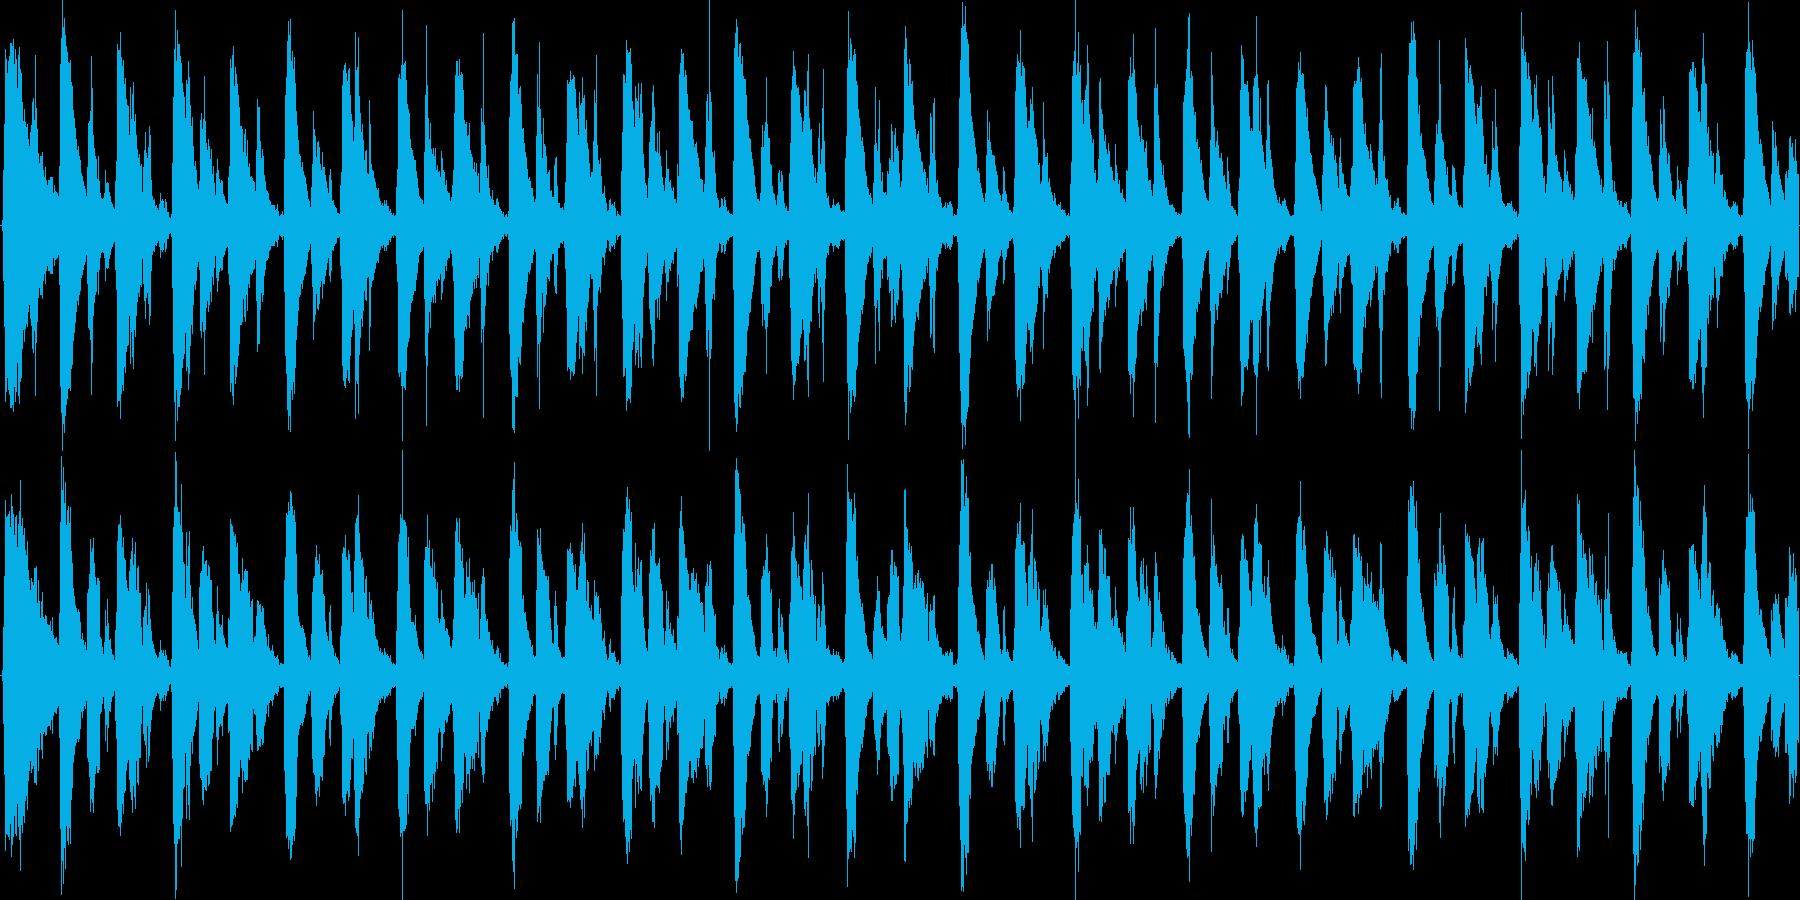 スタイリッシュなパーカッションテクノの再生済みの波形